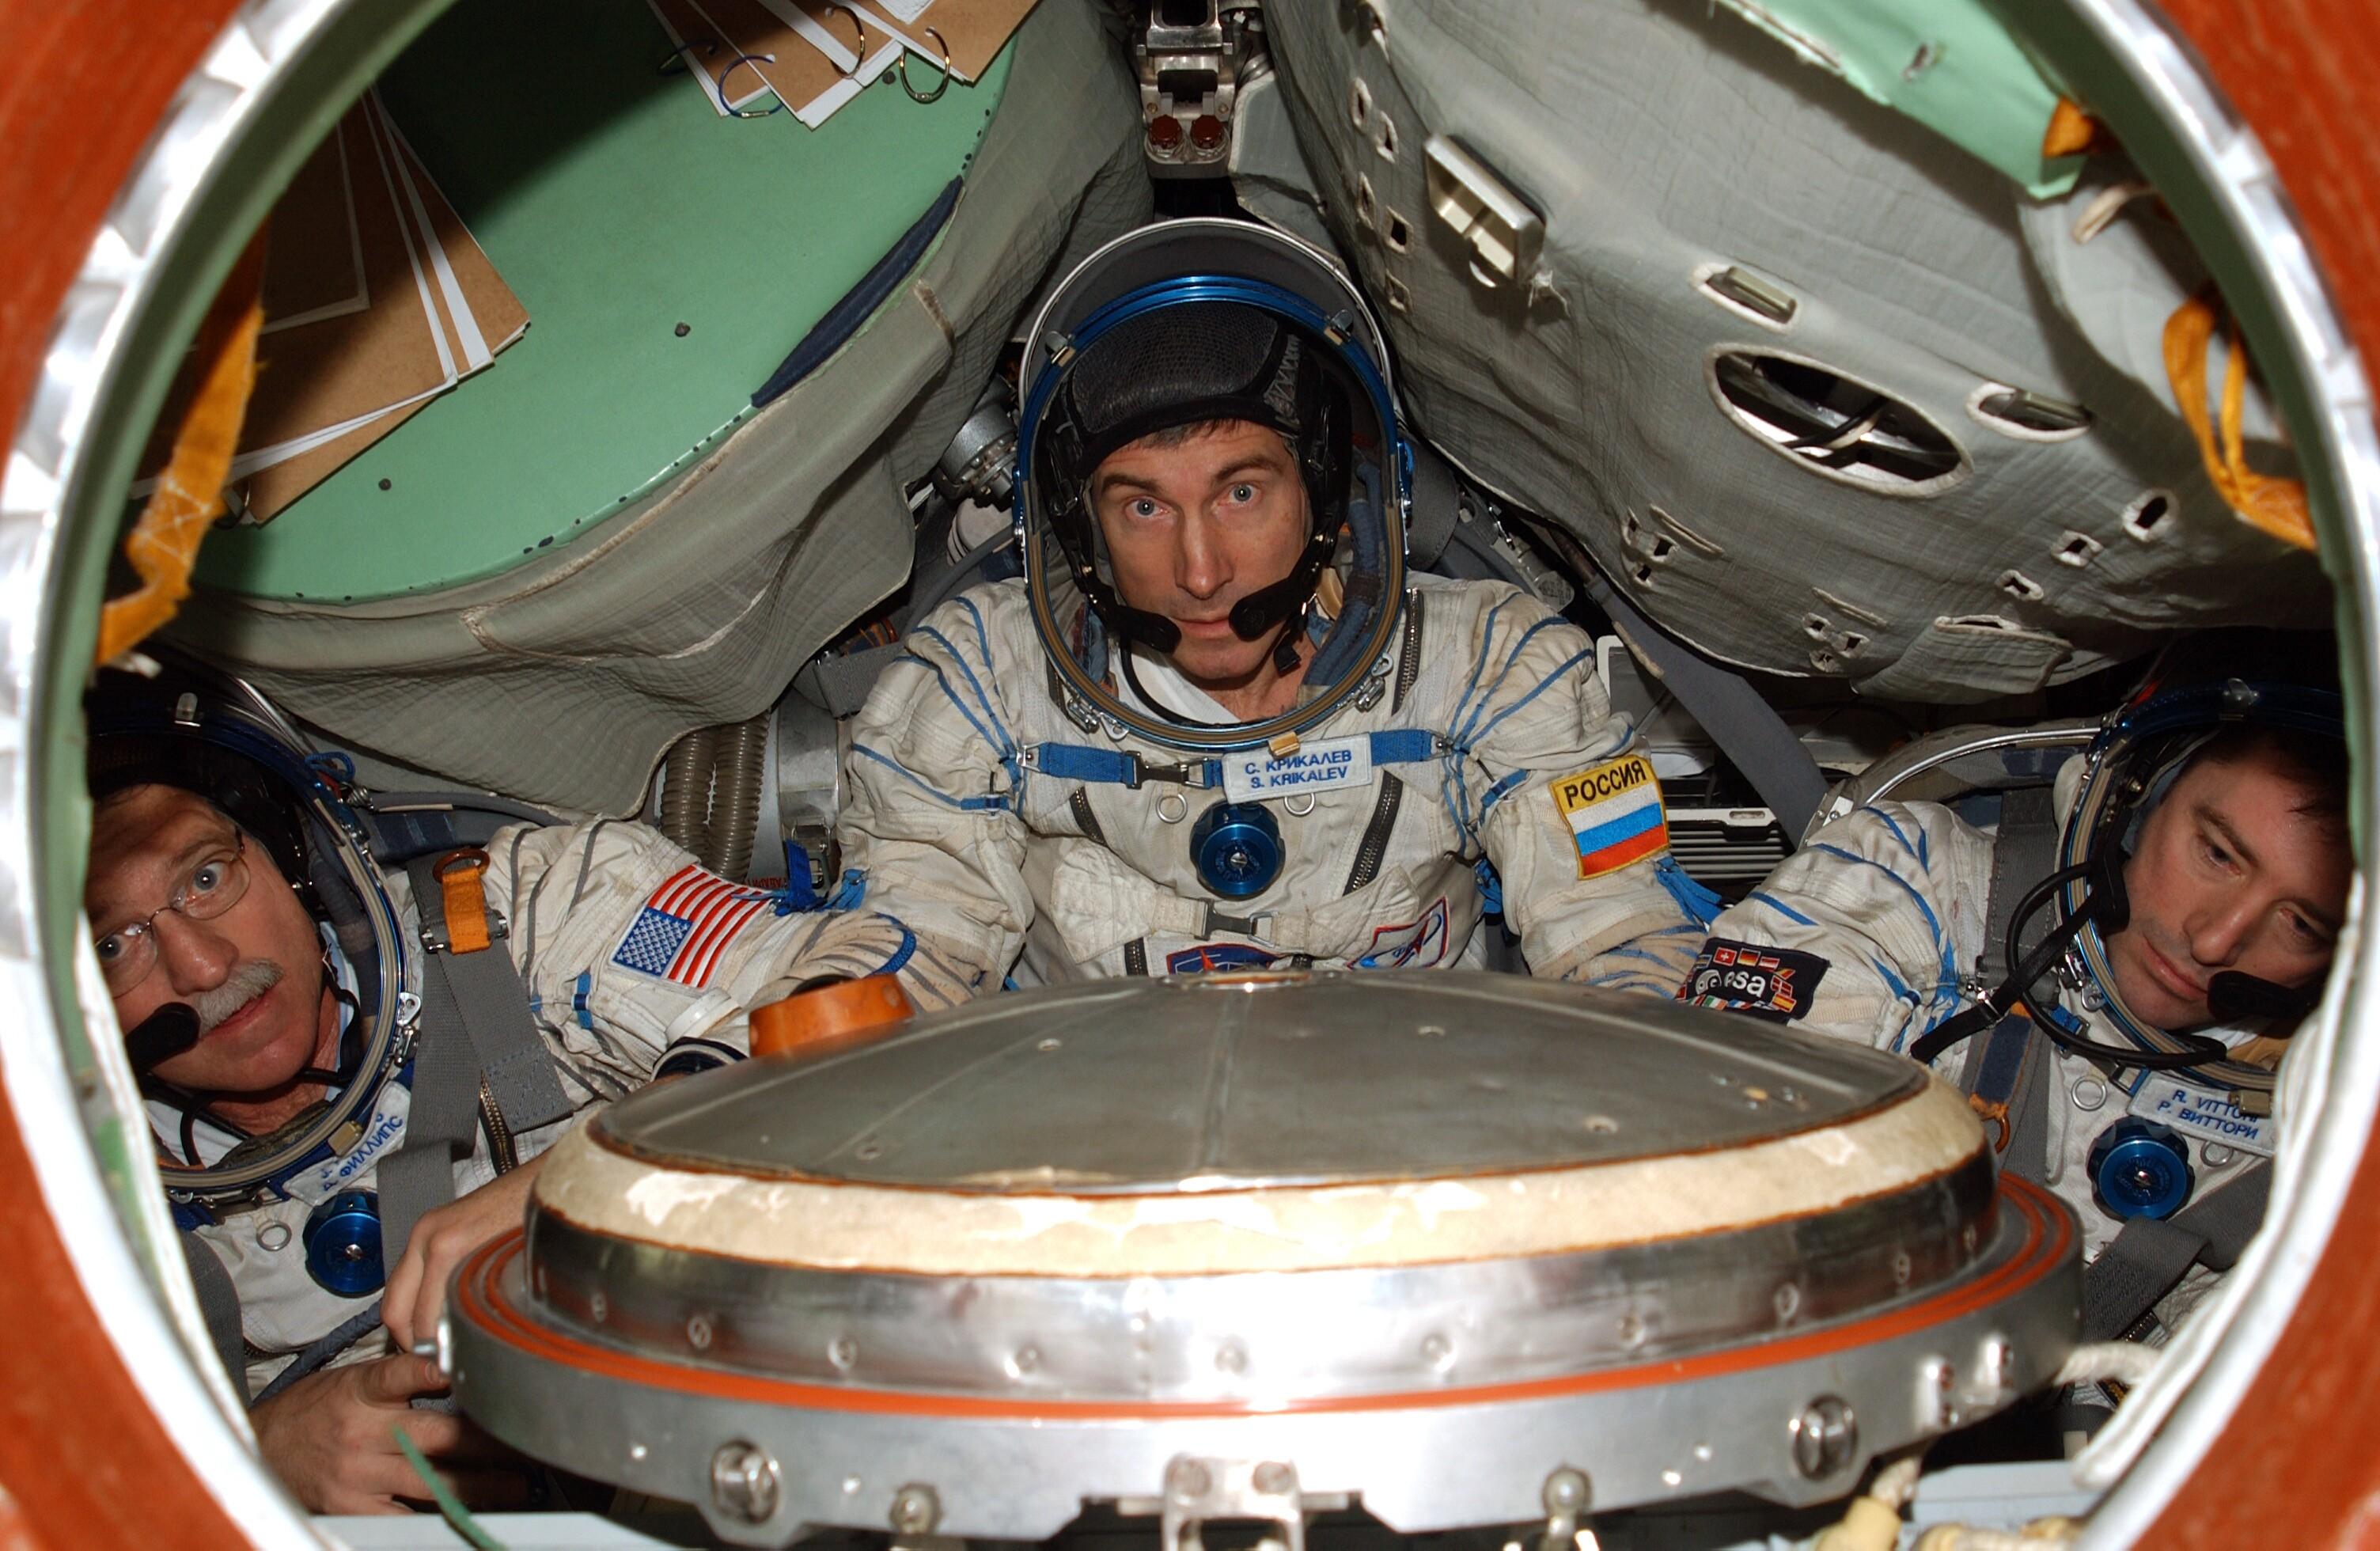 Путешествия вовремени вероятны и русский космонавт уже перенесся вбудущее— Ученые